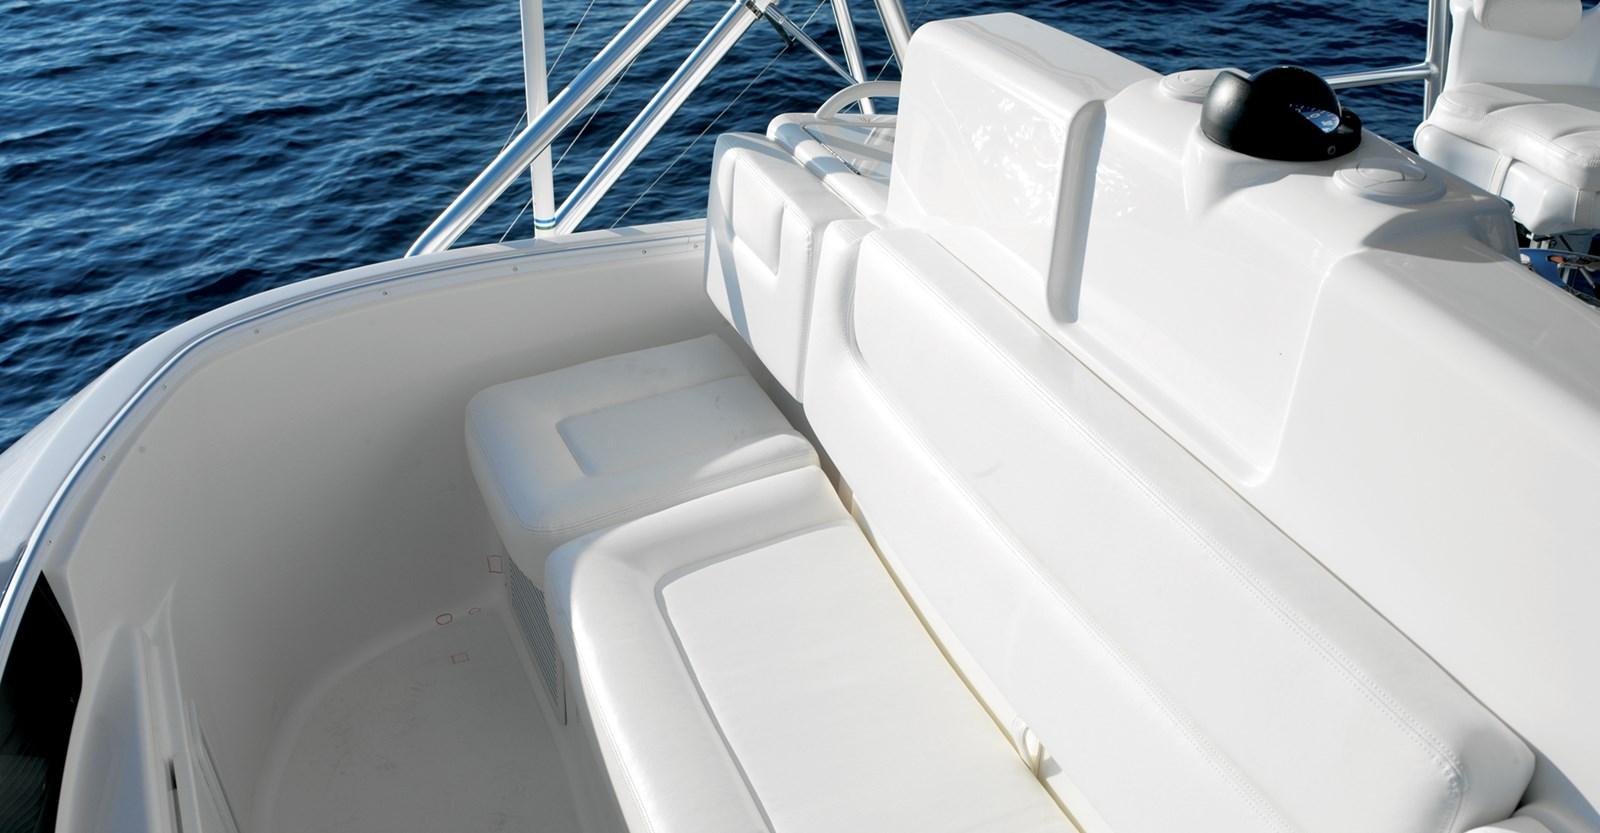 New Tiara 3900 Convertible Yacht Forward Seating